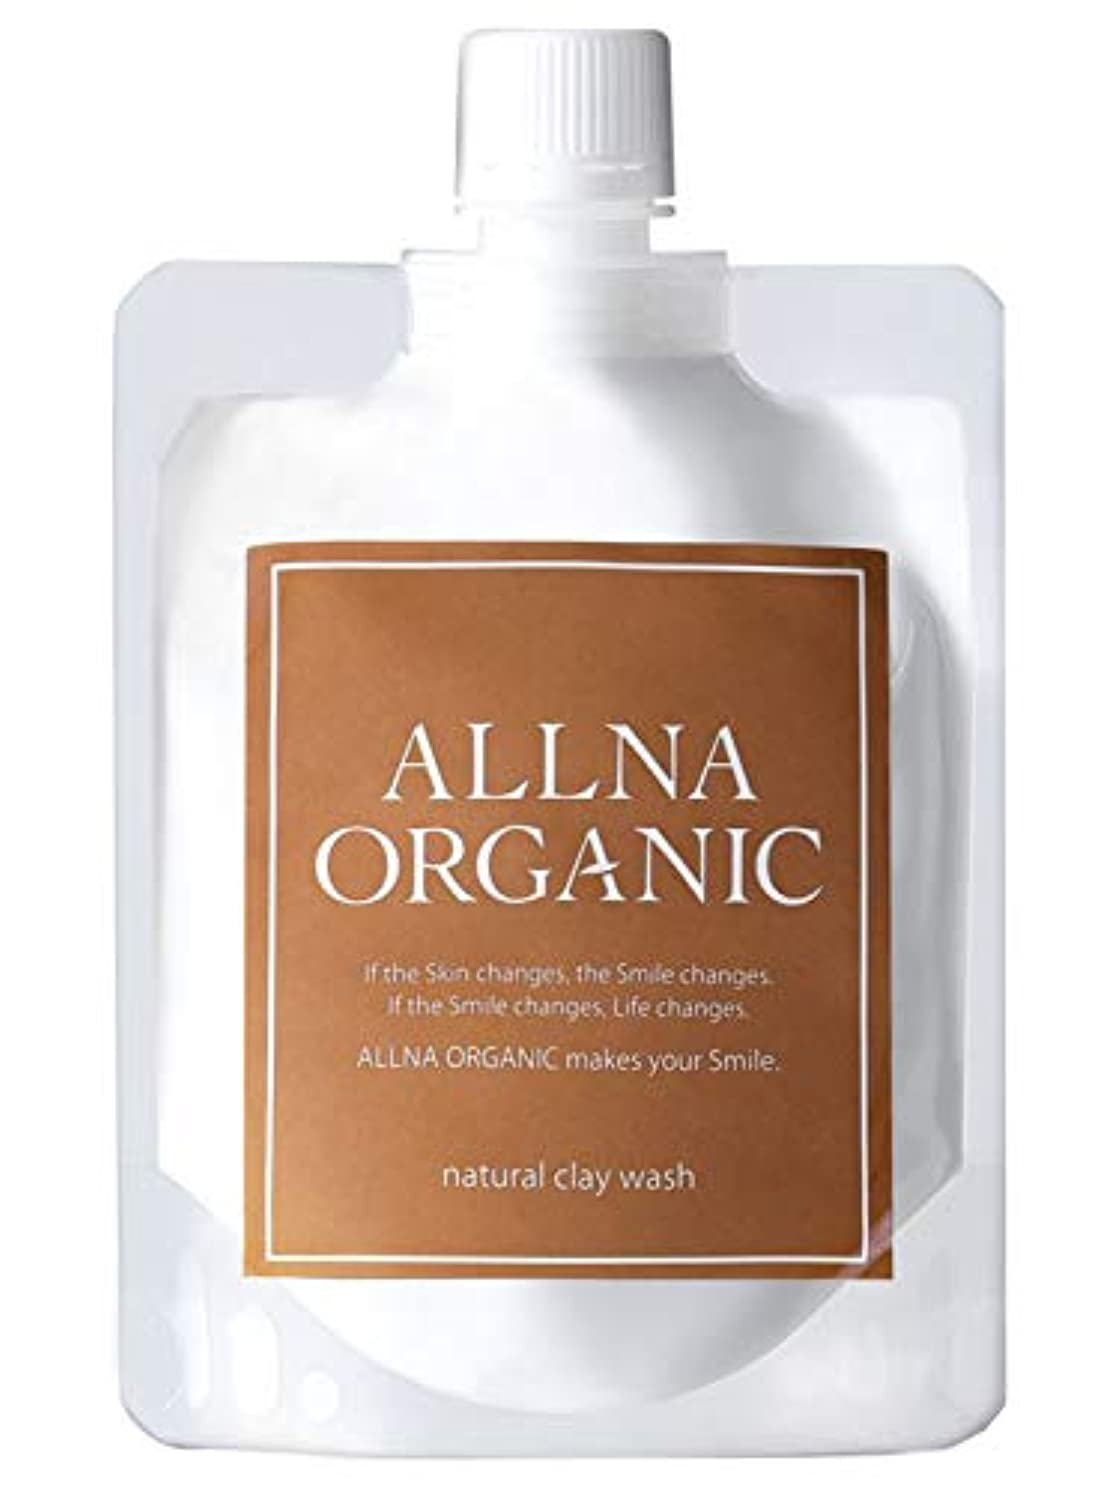 アダルト海軍発生オルナ オーガニック 泥 洗顔 「 毛穴 開き 黒ずみ 用」「 泡 ネット 付き」「 コラーゲン 3種類 + ヒアルロン酸 4種類 + ビタミンC 4種類 + セラミド 配合」 130g